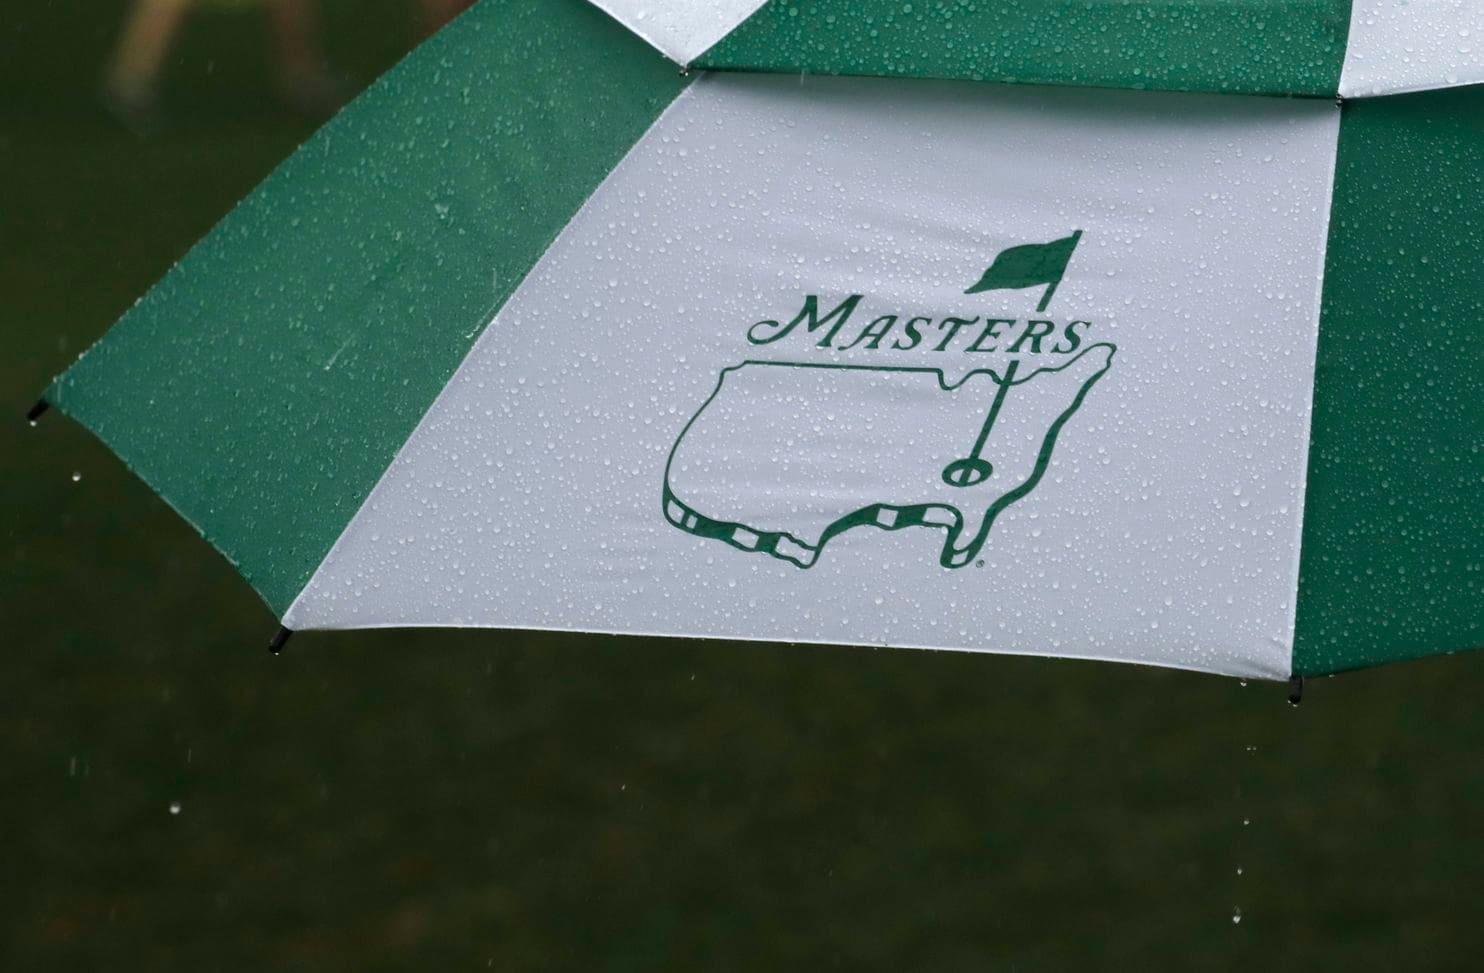 Rain at the Masters 2019